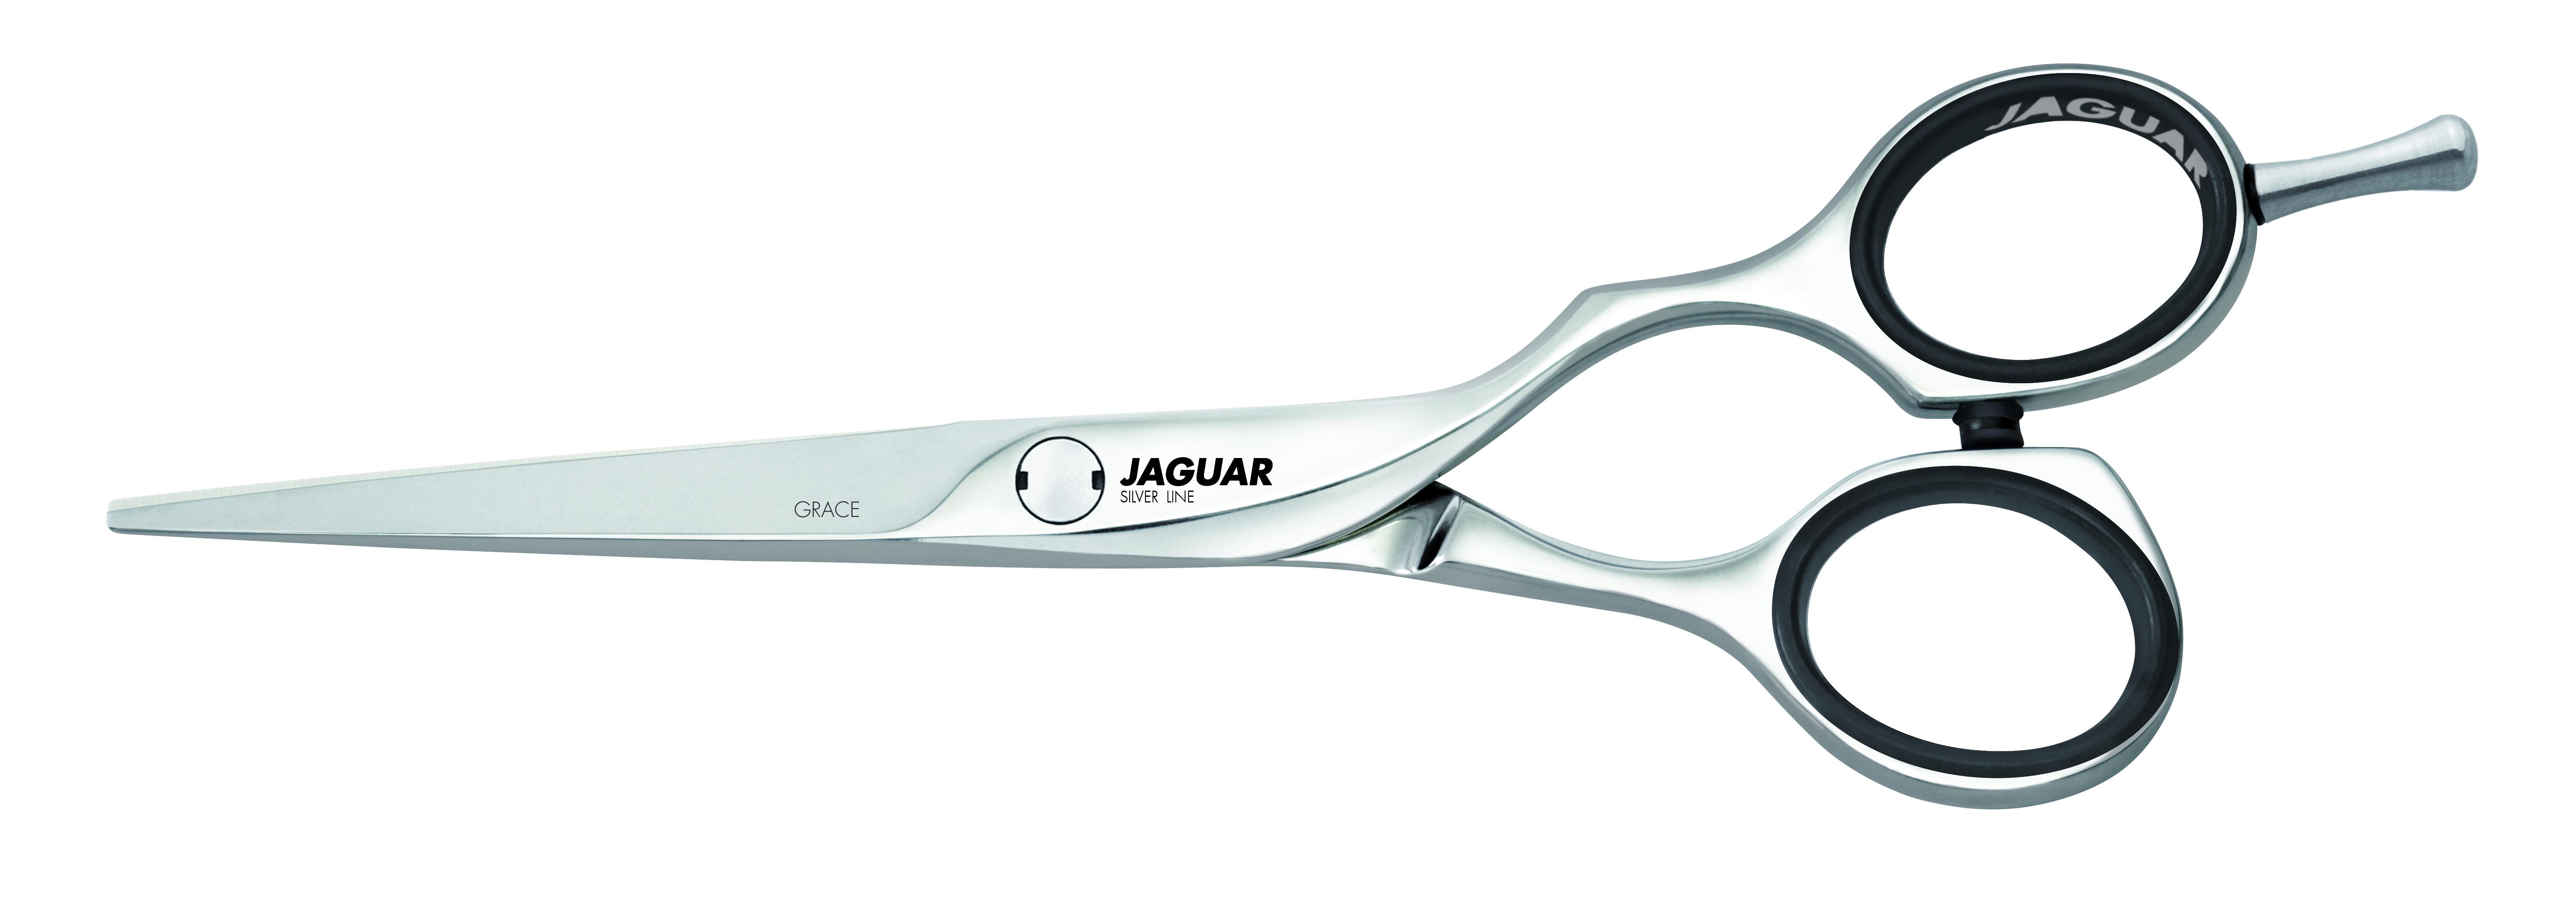 JAGUAR Ножницы GRACE 5.5 прямые Silver Line